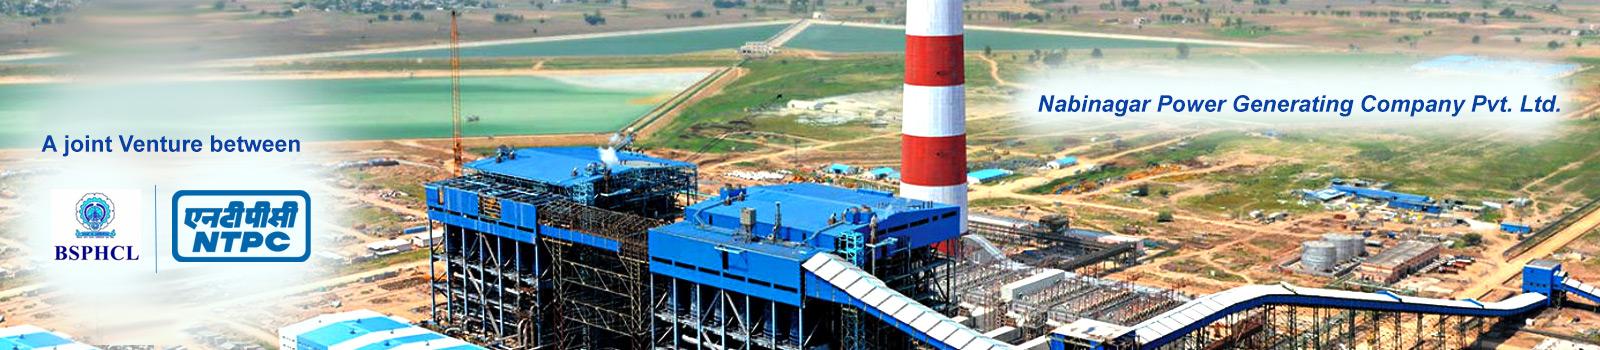 Nabinagar Power